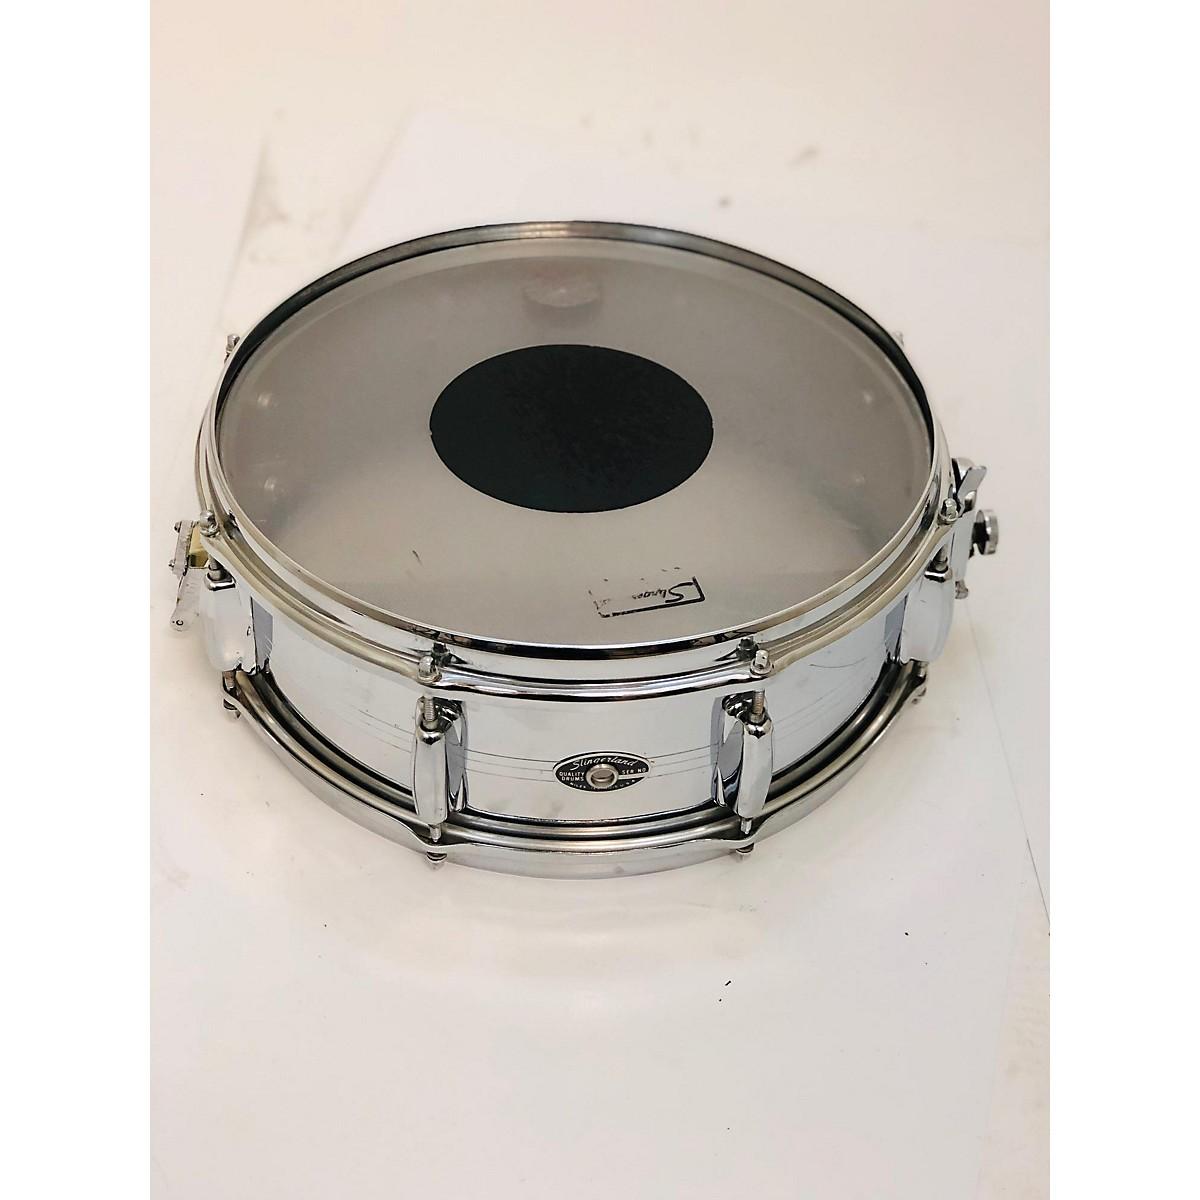 Slingerland 1970s 5.5X14 Chrome Over Brass Drum